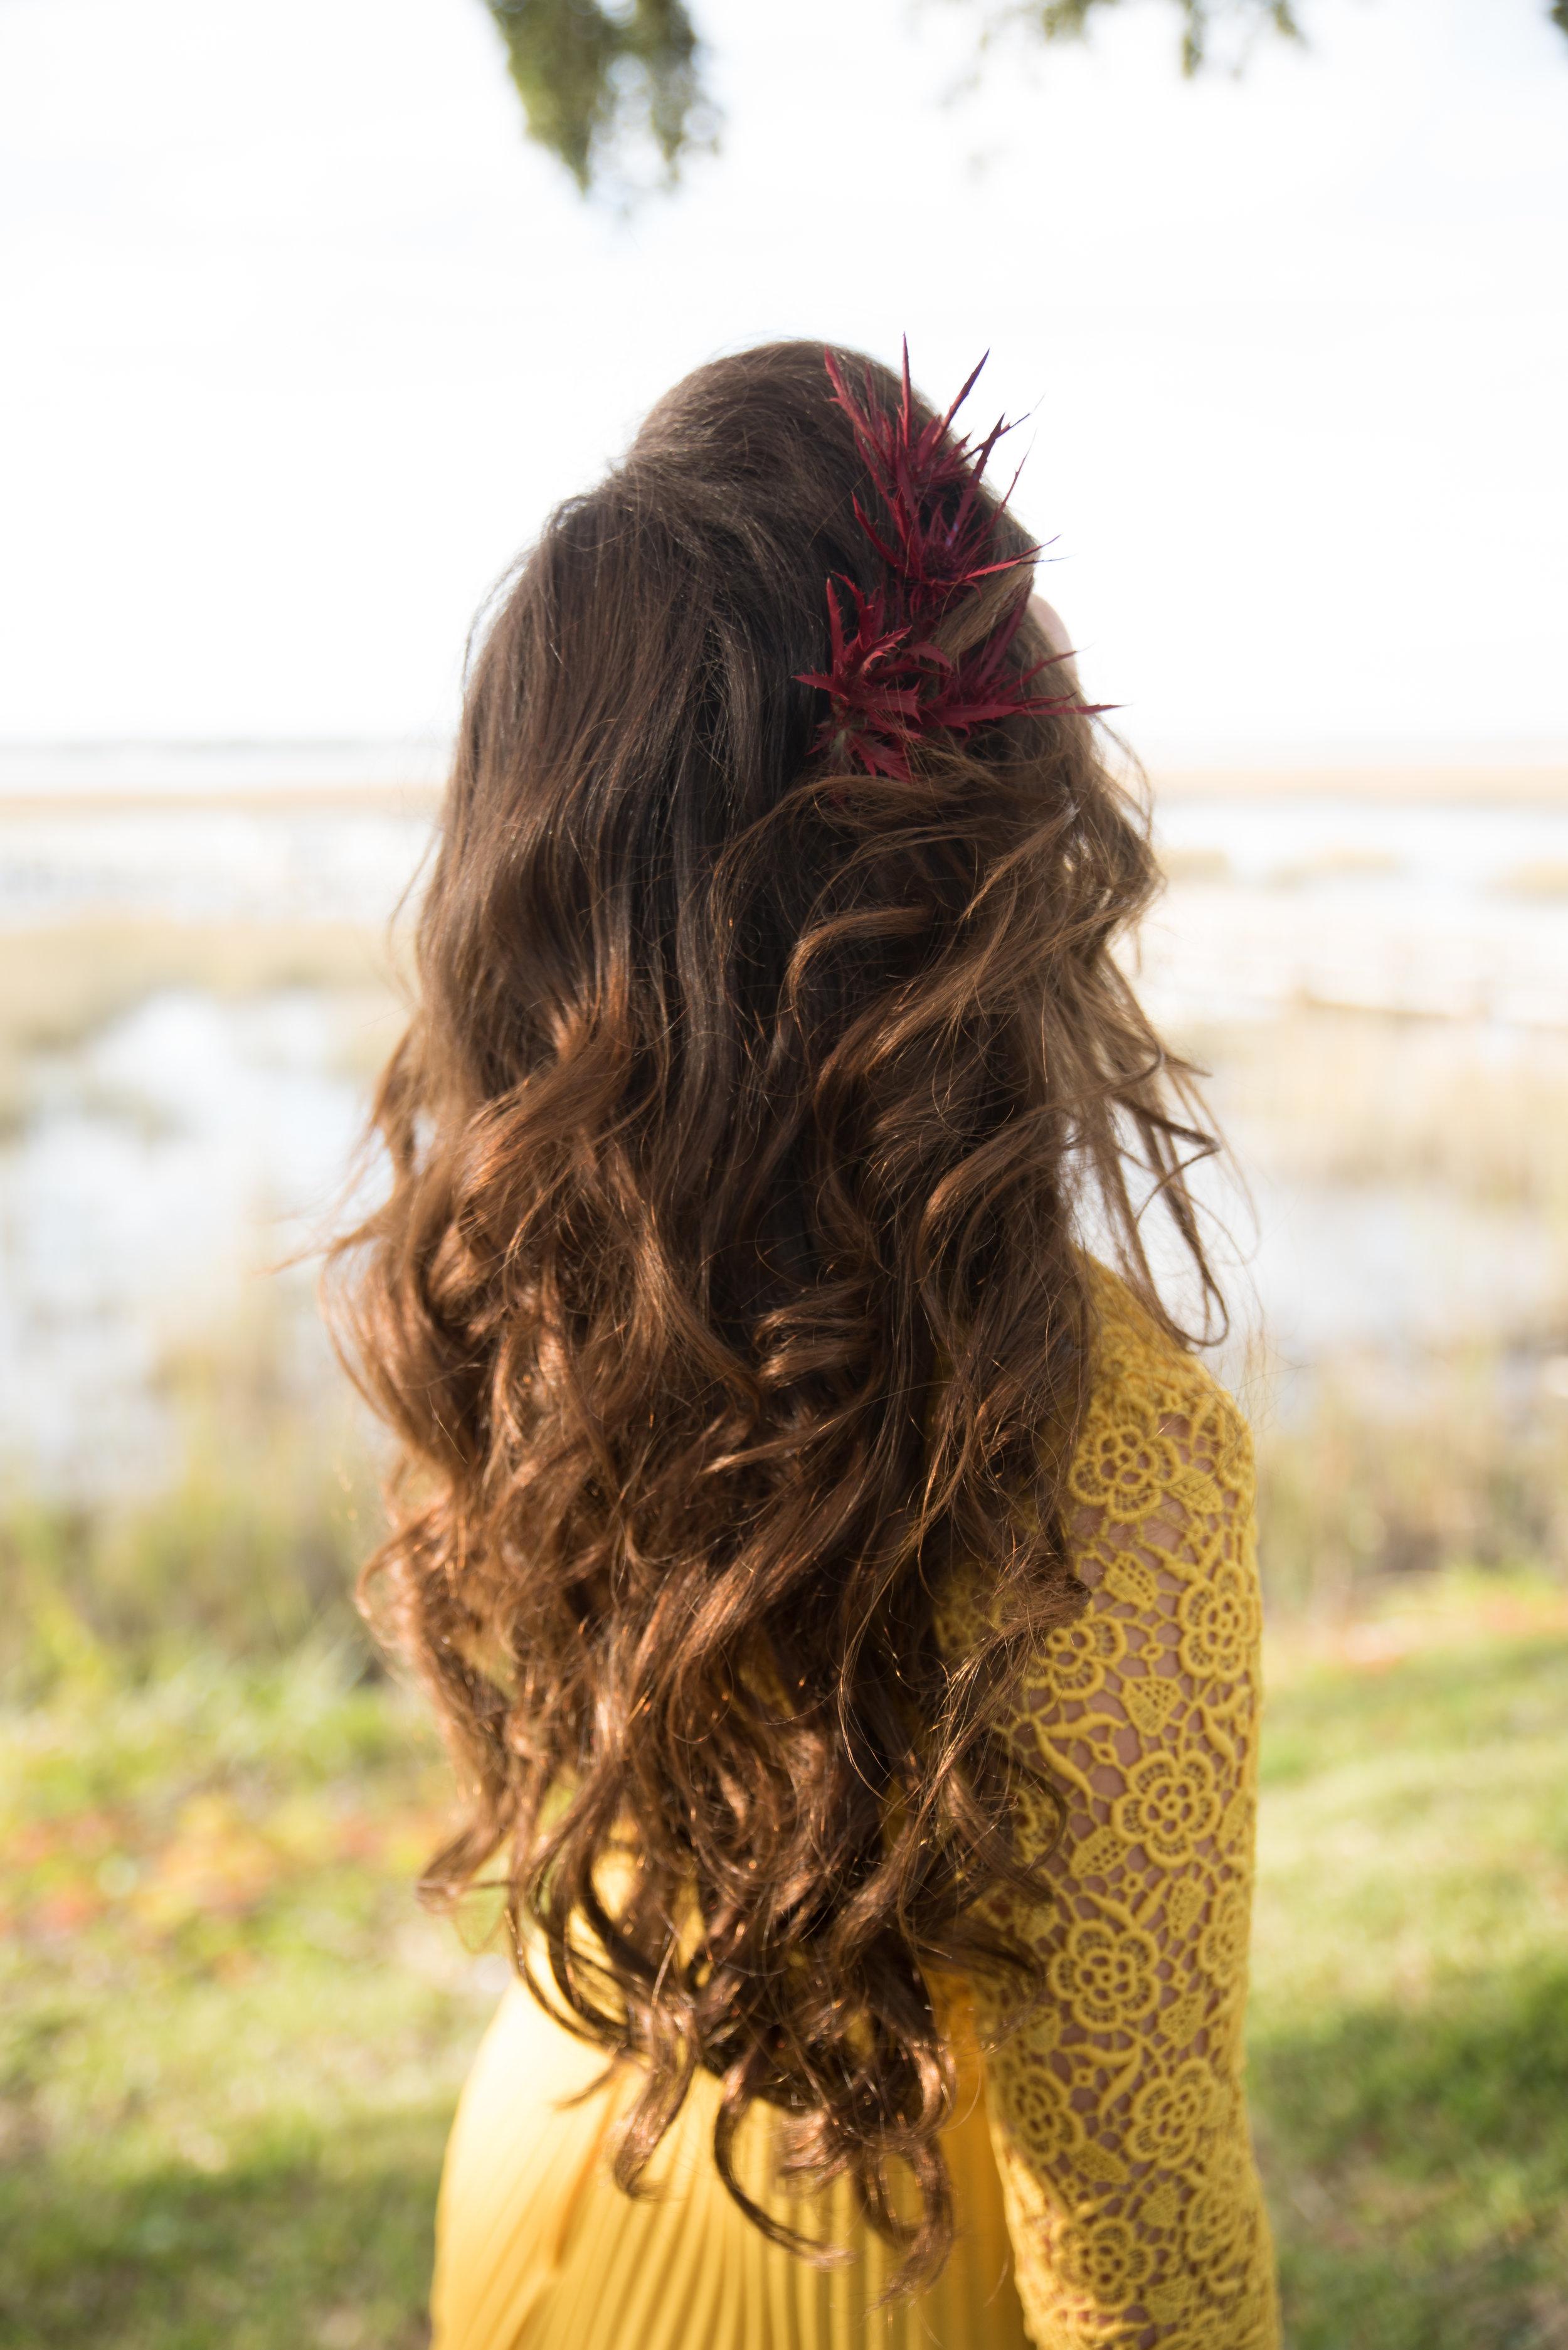 Southern Hair - Beach Waves